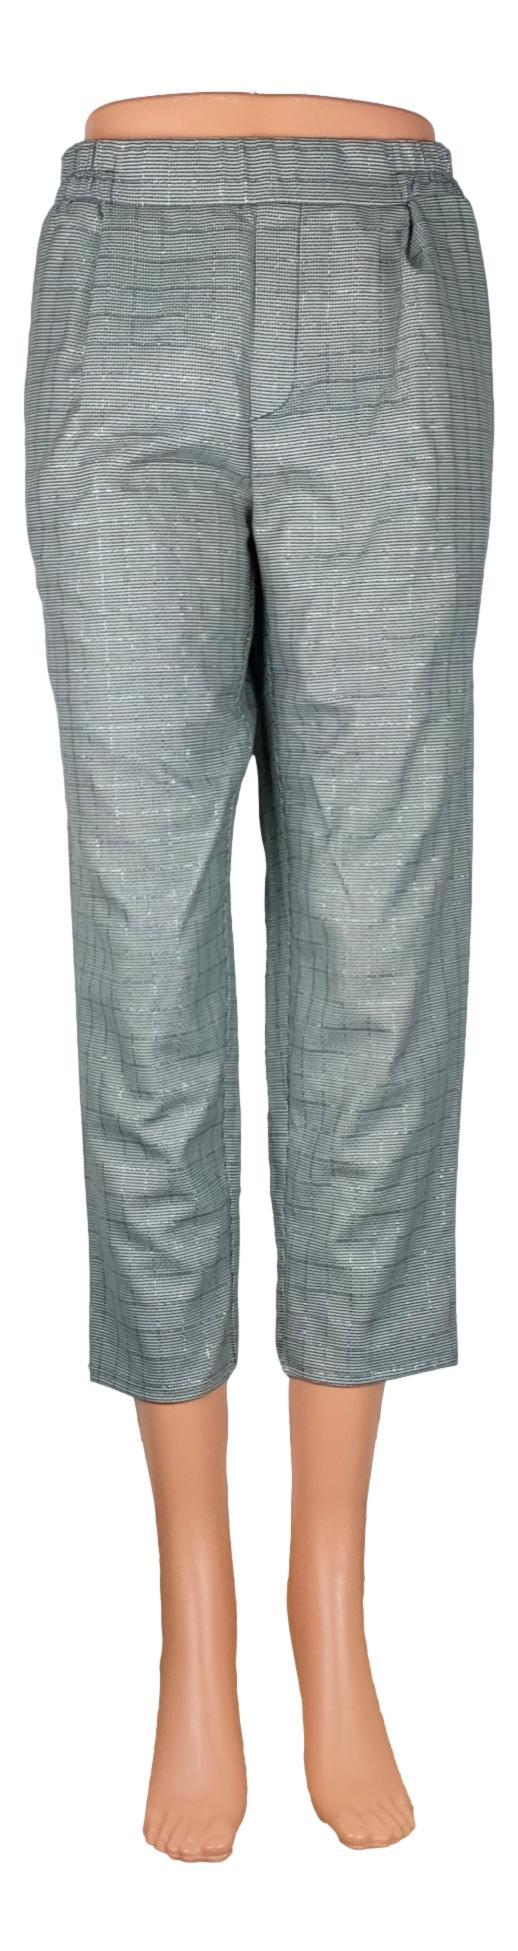 Pantalon Tally Weijl - Taille 42